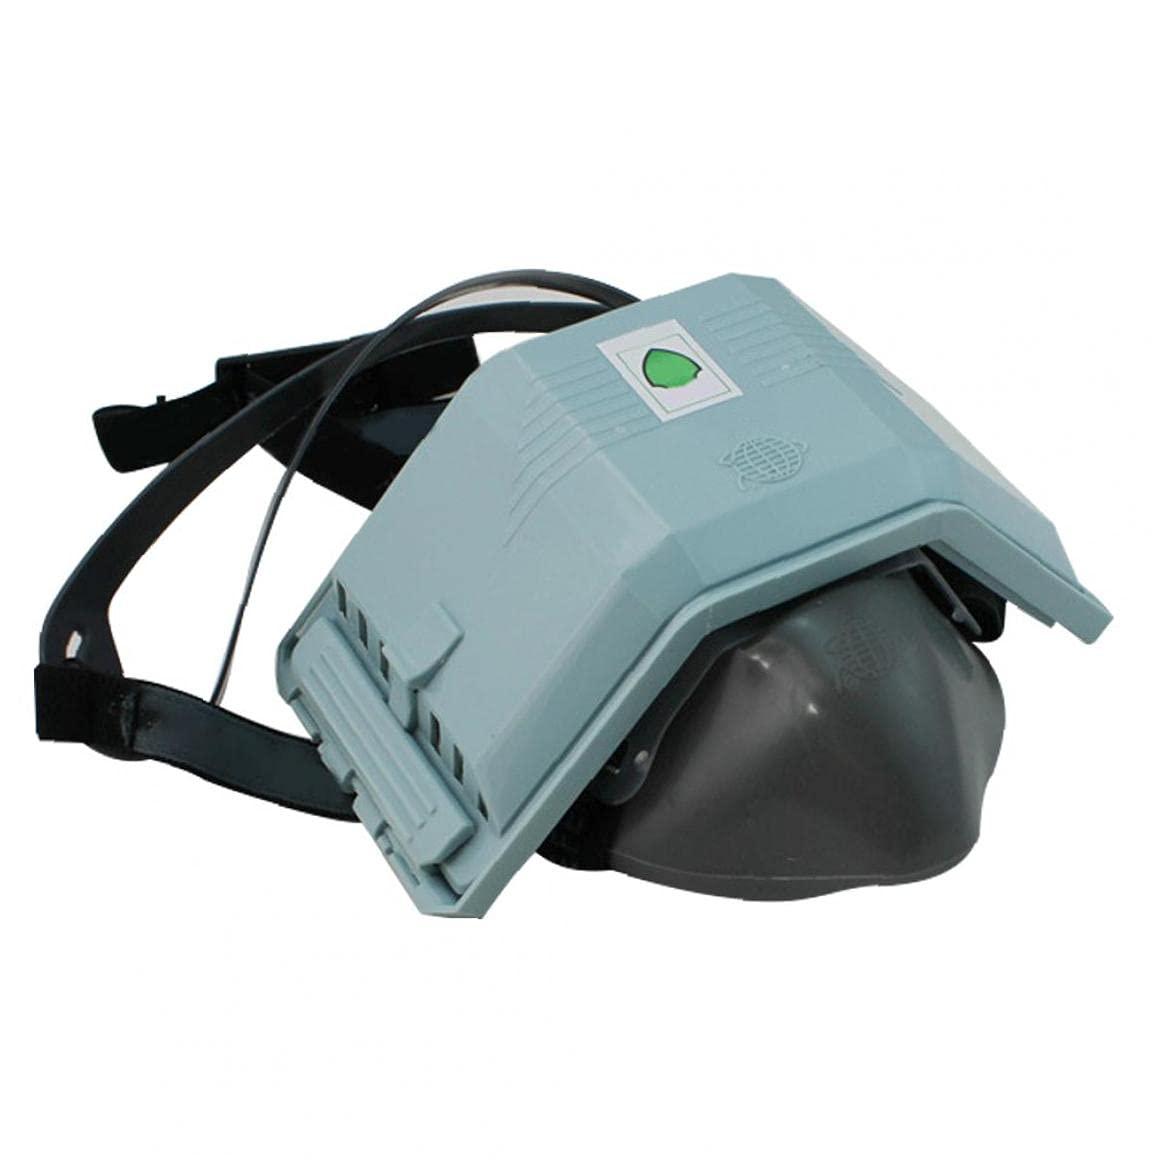 Cubierta de cara anti-partícula de silicona, polvo reutilizable media cara de cara, utilizada para pintura, pulido de máquinas, soldadura y otra protección del trabajo